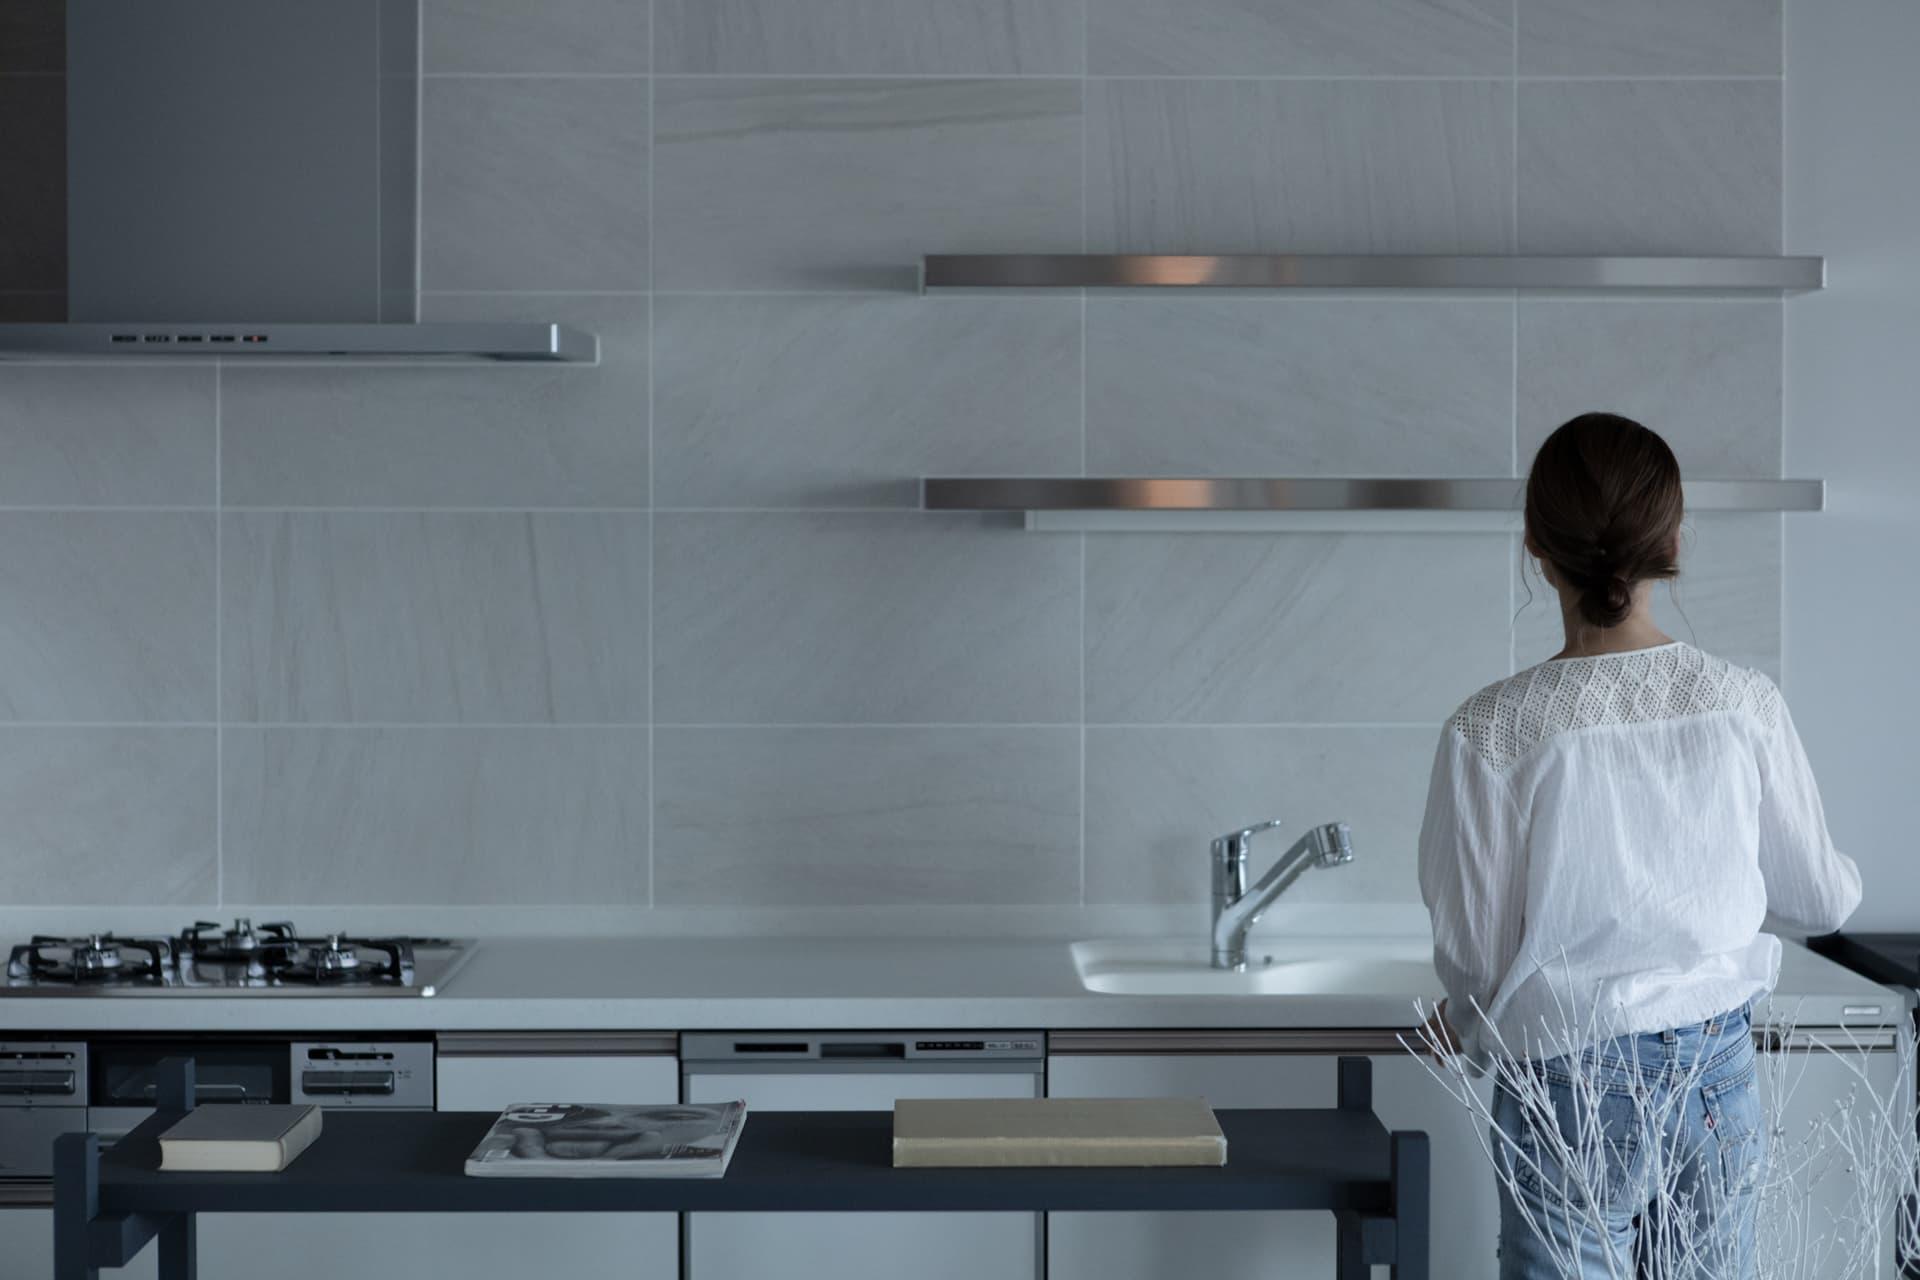 レジデンス此花 モデルルーム / キッチンに立つ女性